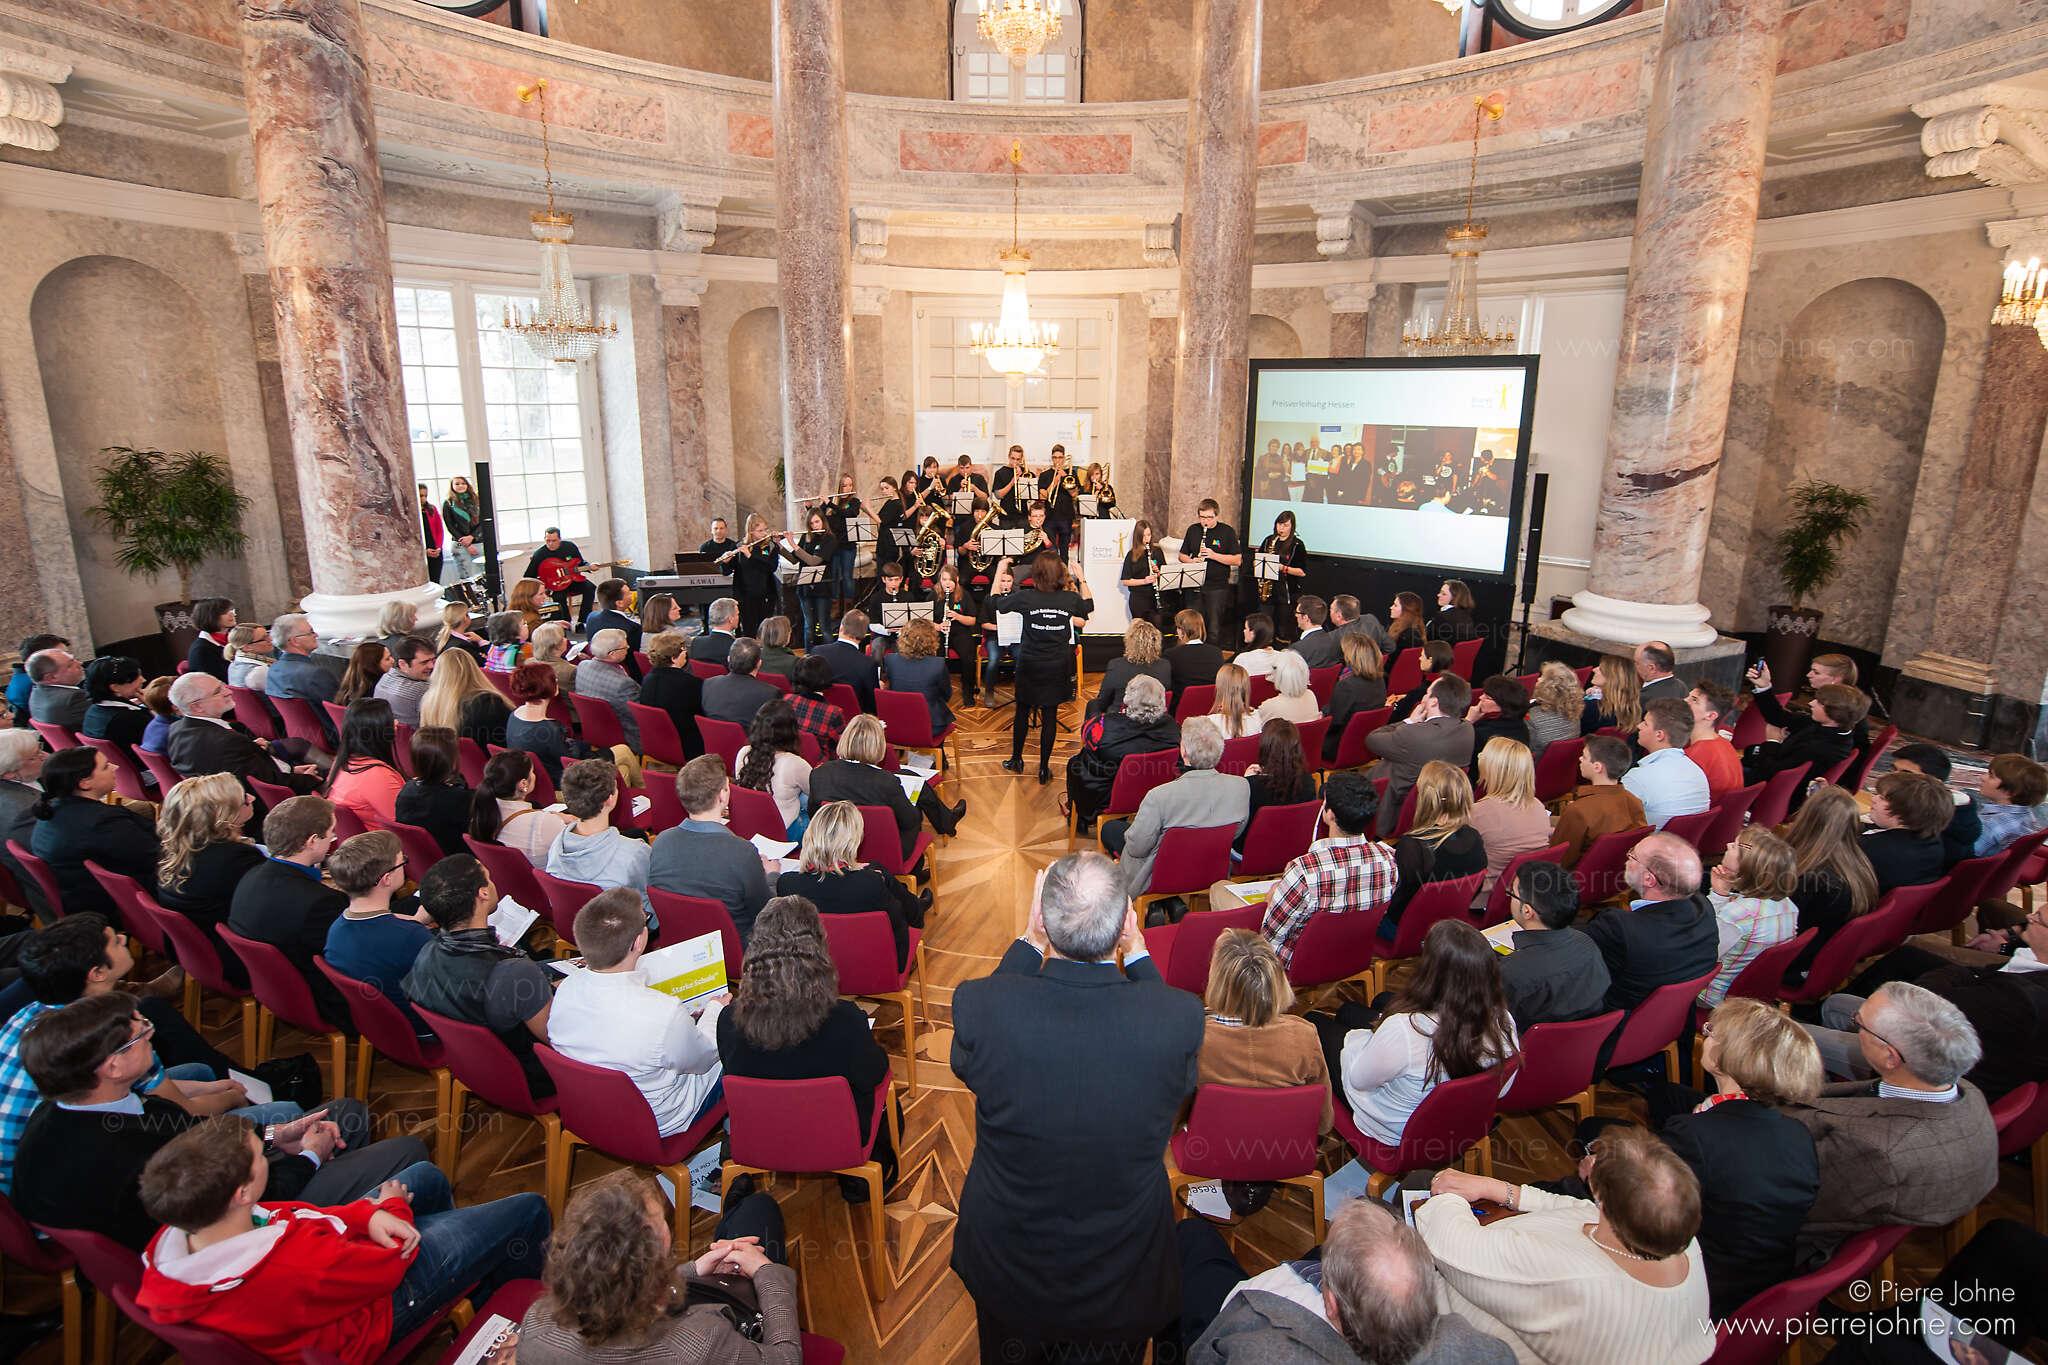 Starke Schule - Landespreisverleihung Hessen, Wiesbaden, Germany